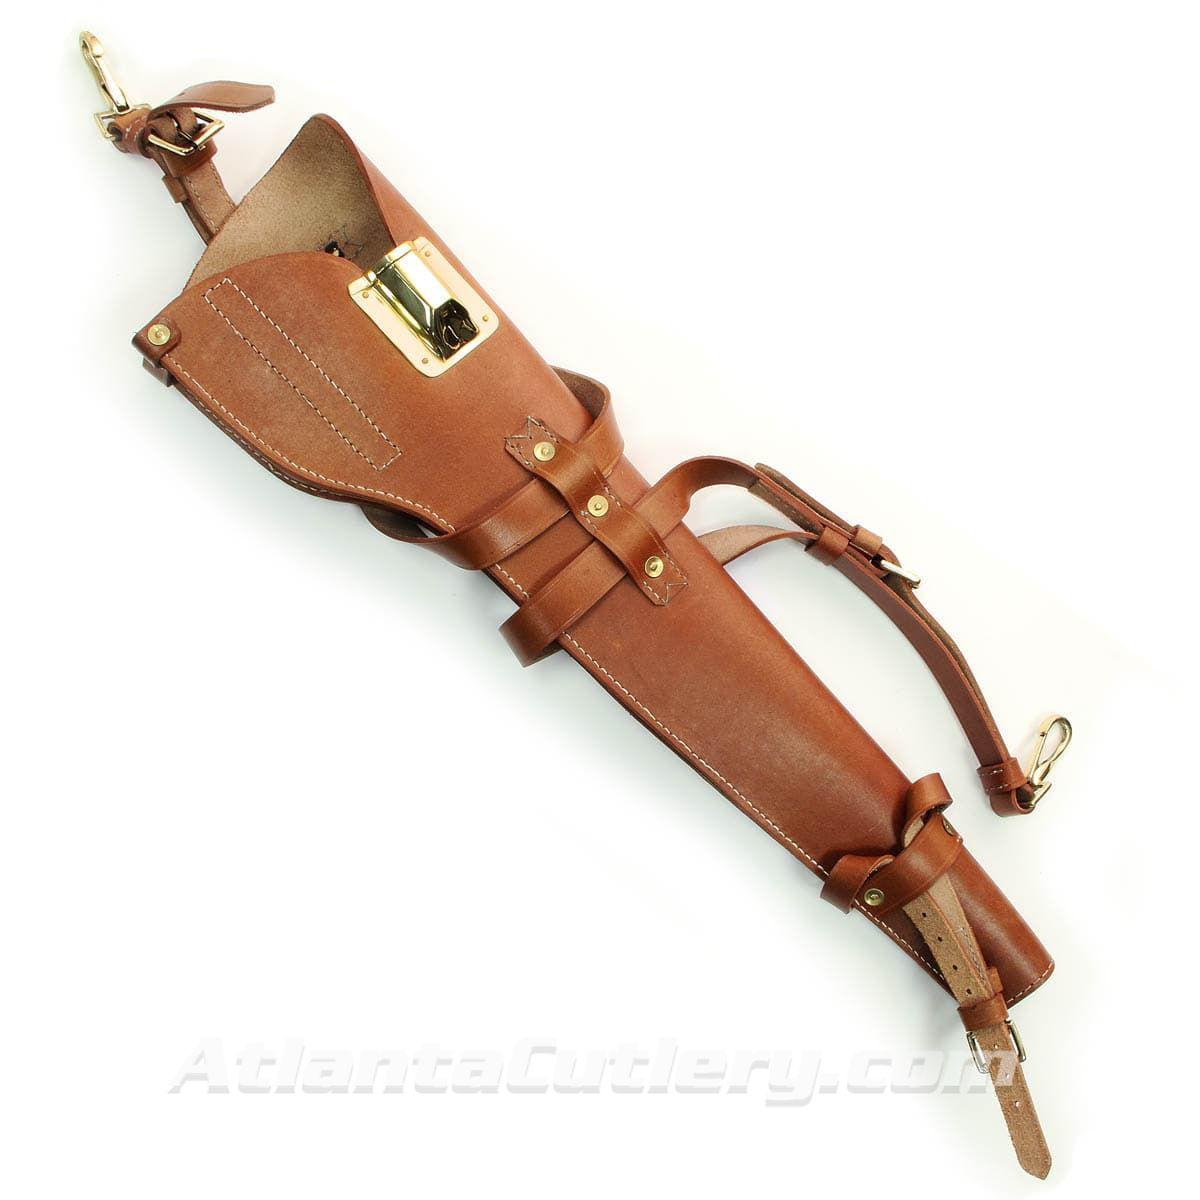 Replica M1 Carbine Leather Scabbard shown alone